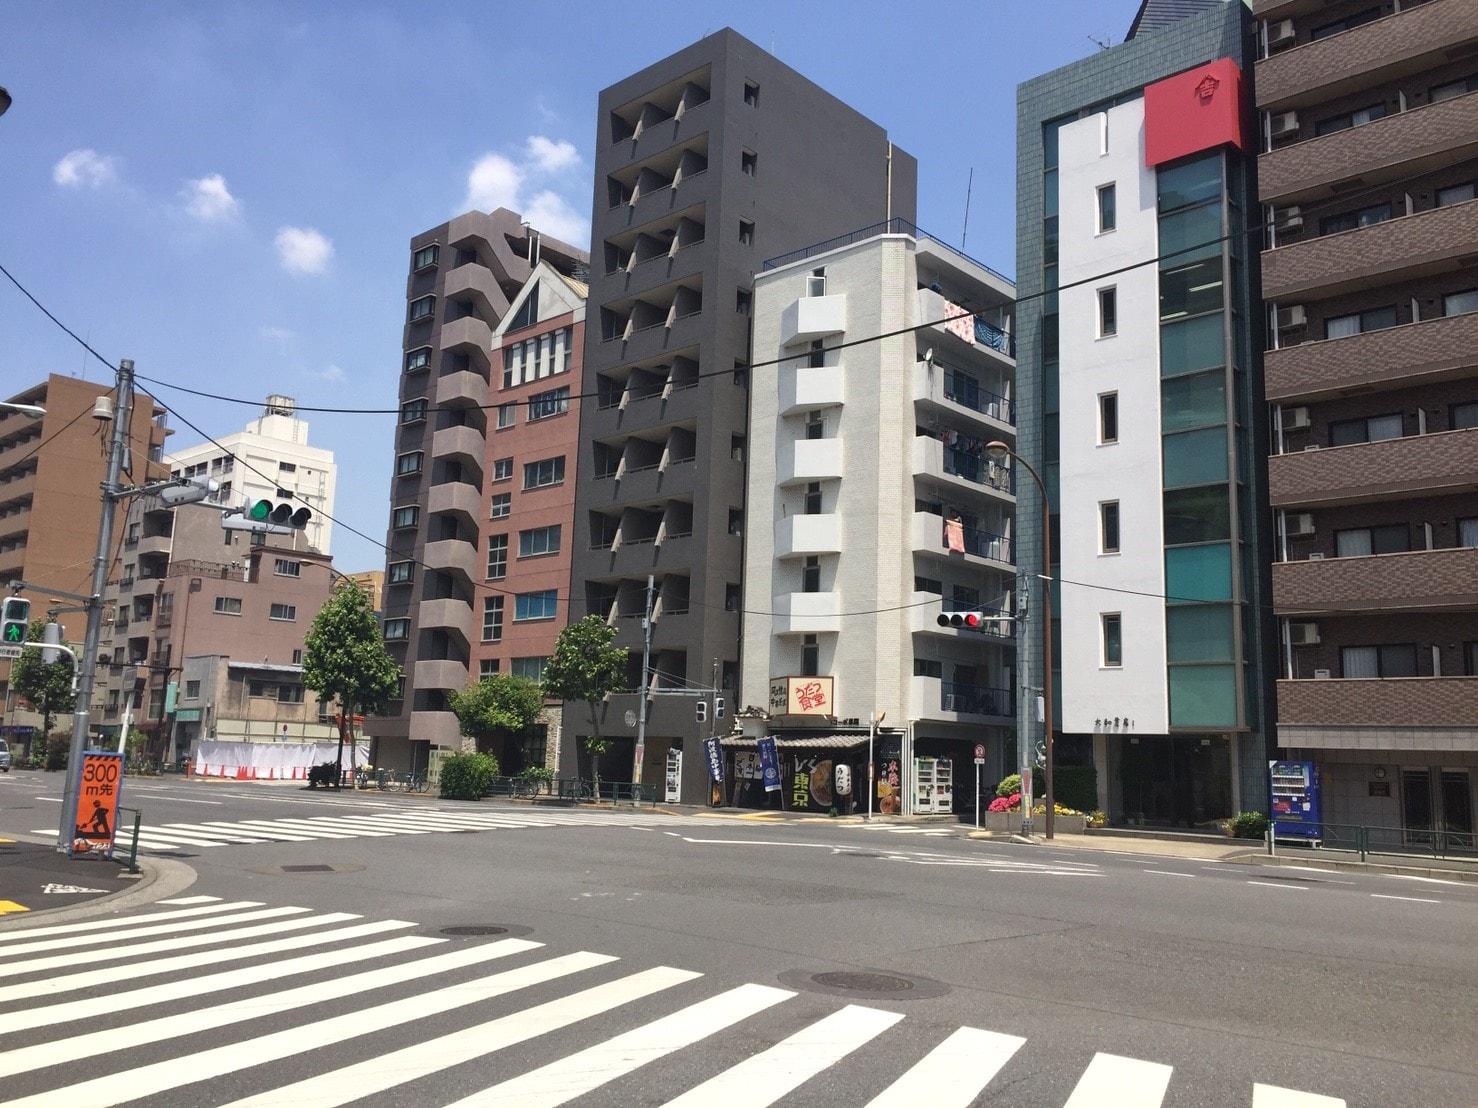 大通り沿いに単身向けマンションが多く建っている風景